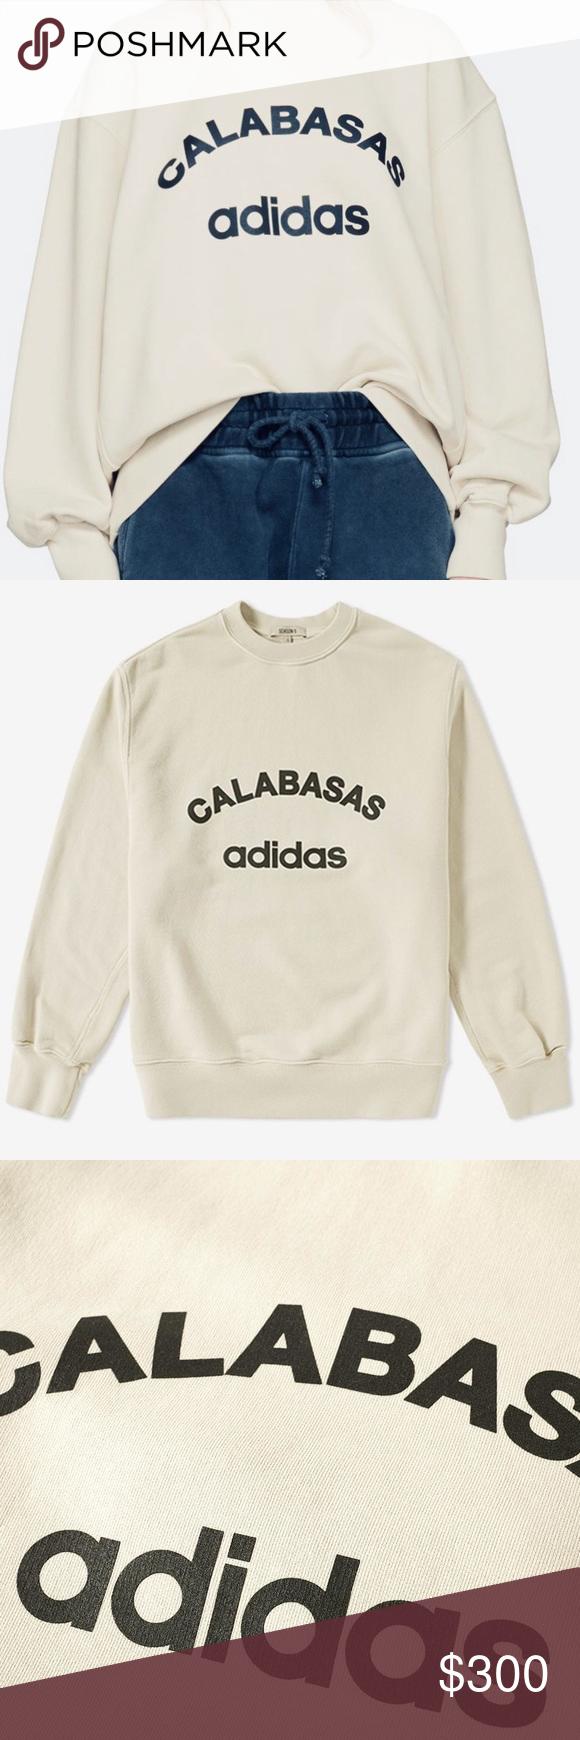 Yeezy Season 5 X Adidas Calabasas Sweatshirt Sweatshirts Yeezy Sweatshirts Hoodie [ 1740 x 580 Pixel ]